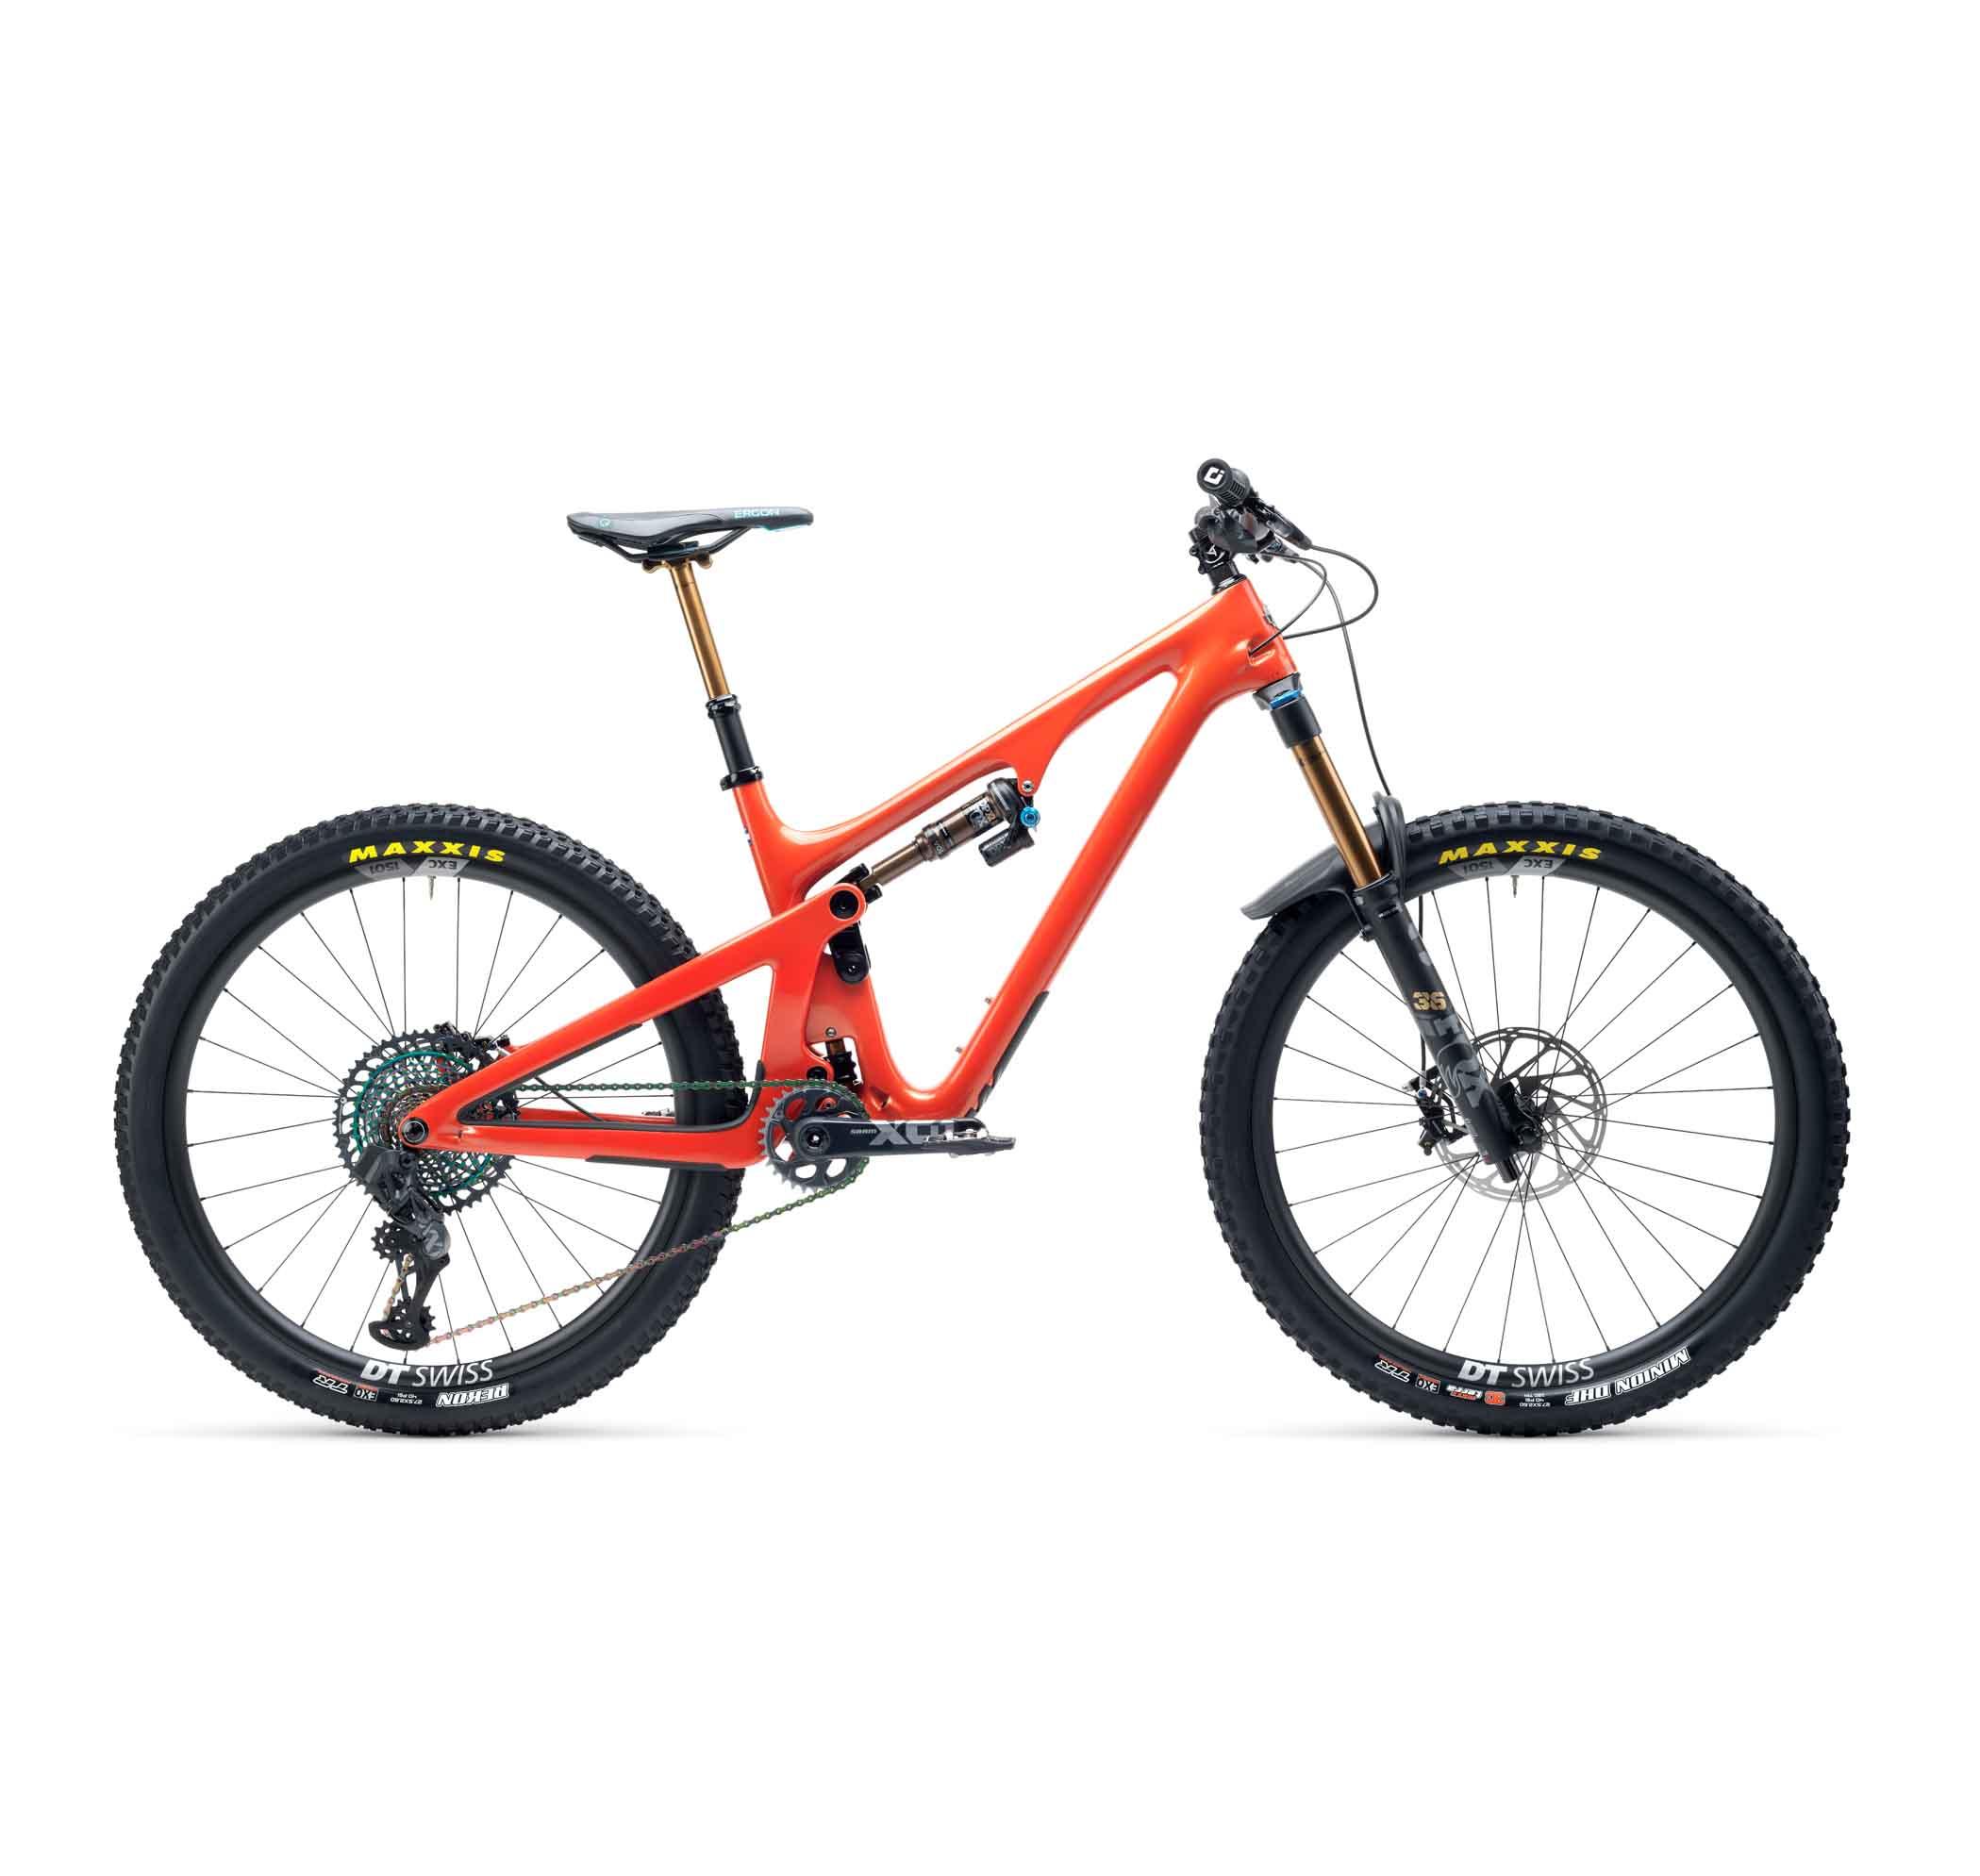 Yeti_Cycles_Rodeo_Bike_SB140_Inferno